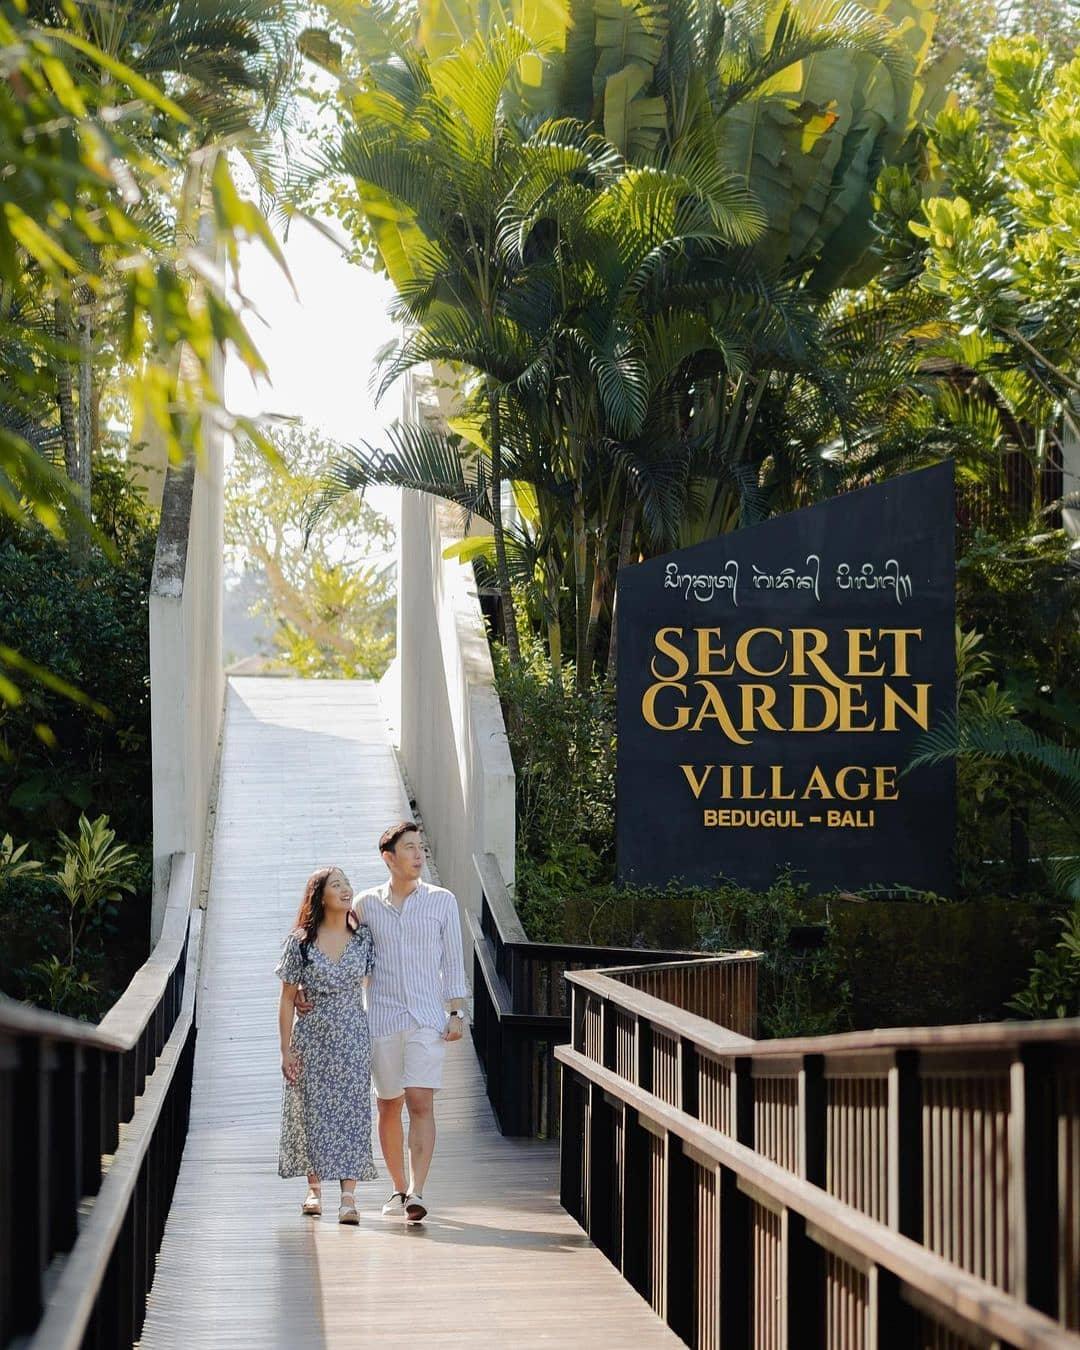 Secret Garden Village Bali Image From @welivingbali